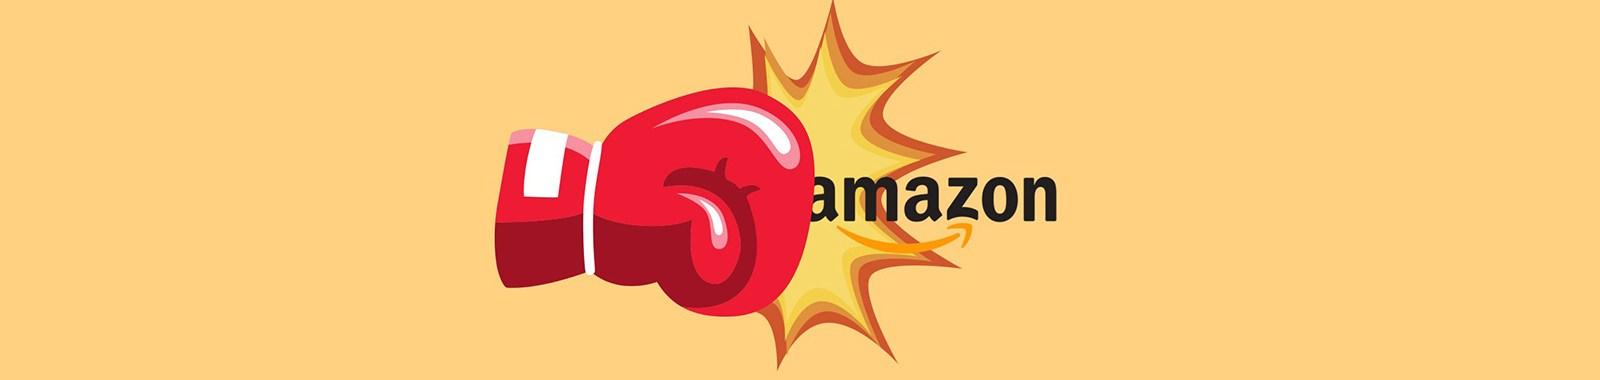 Amazon-punch-eye